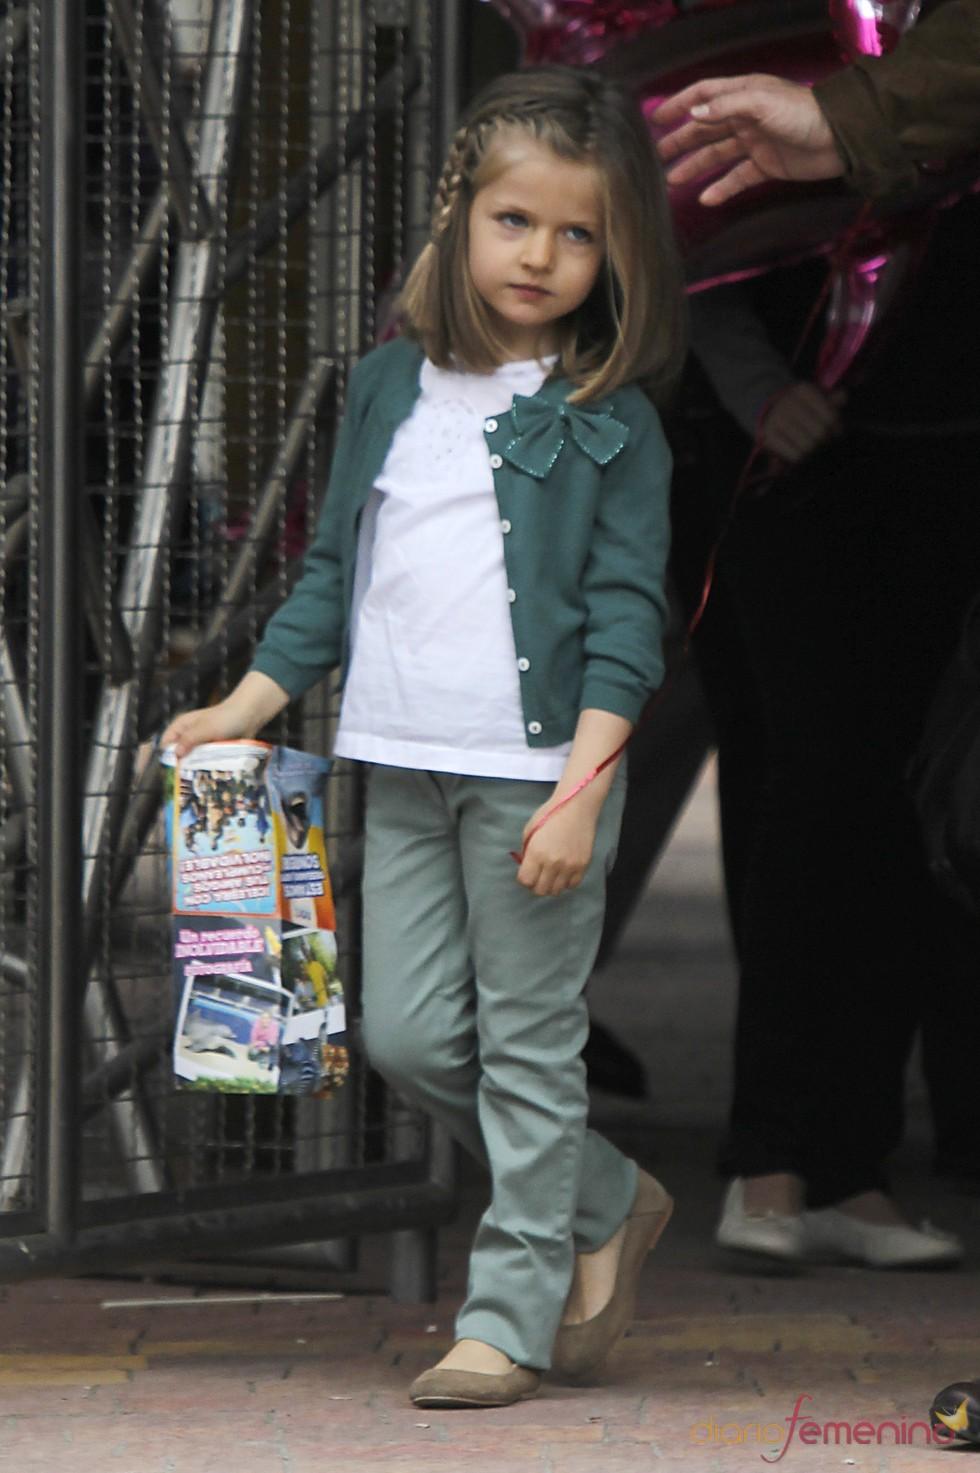 La Infanta Leonor durante su visita al zoo de Madrid